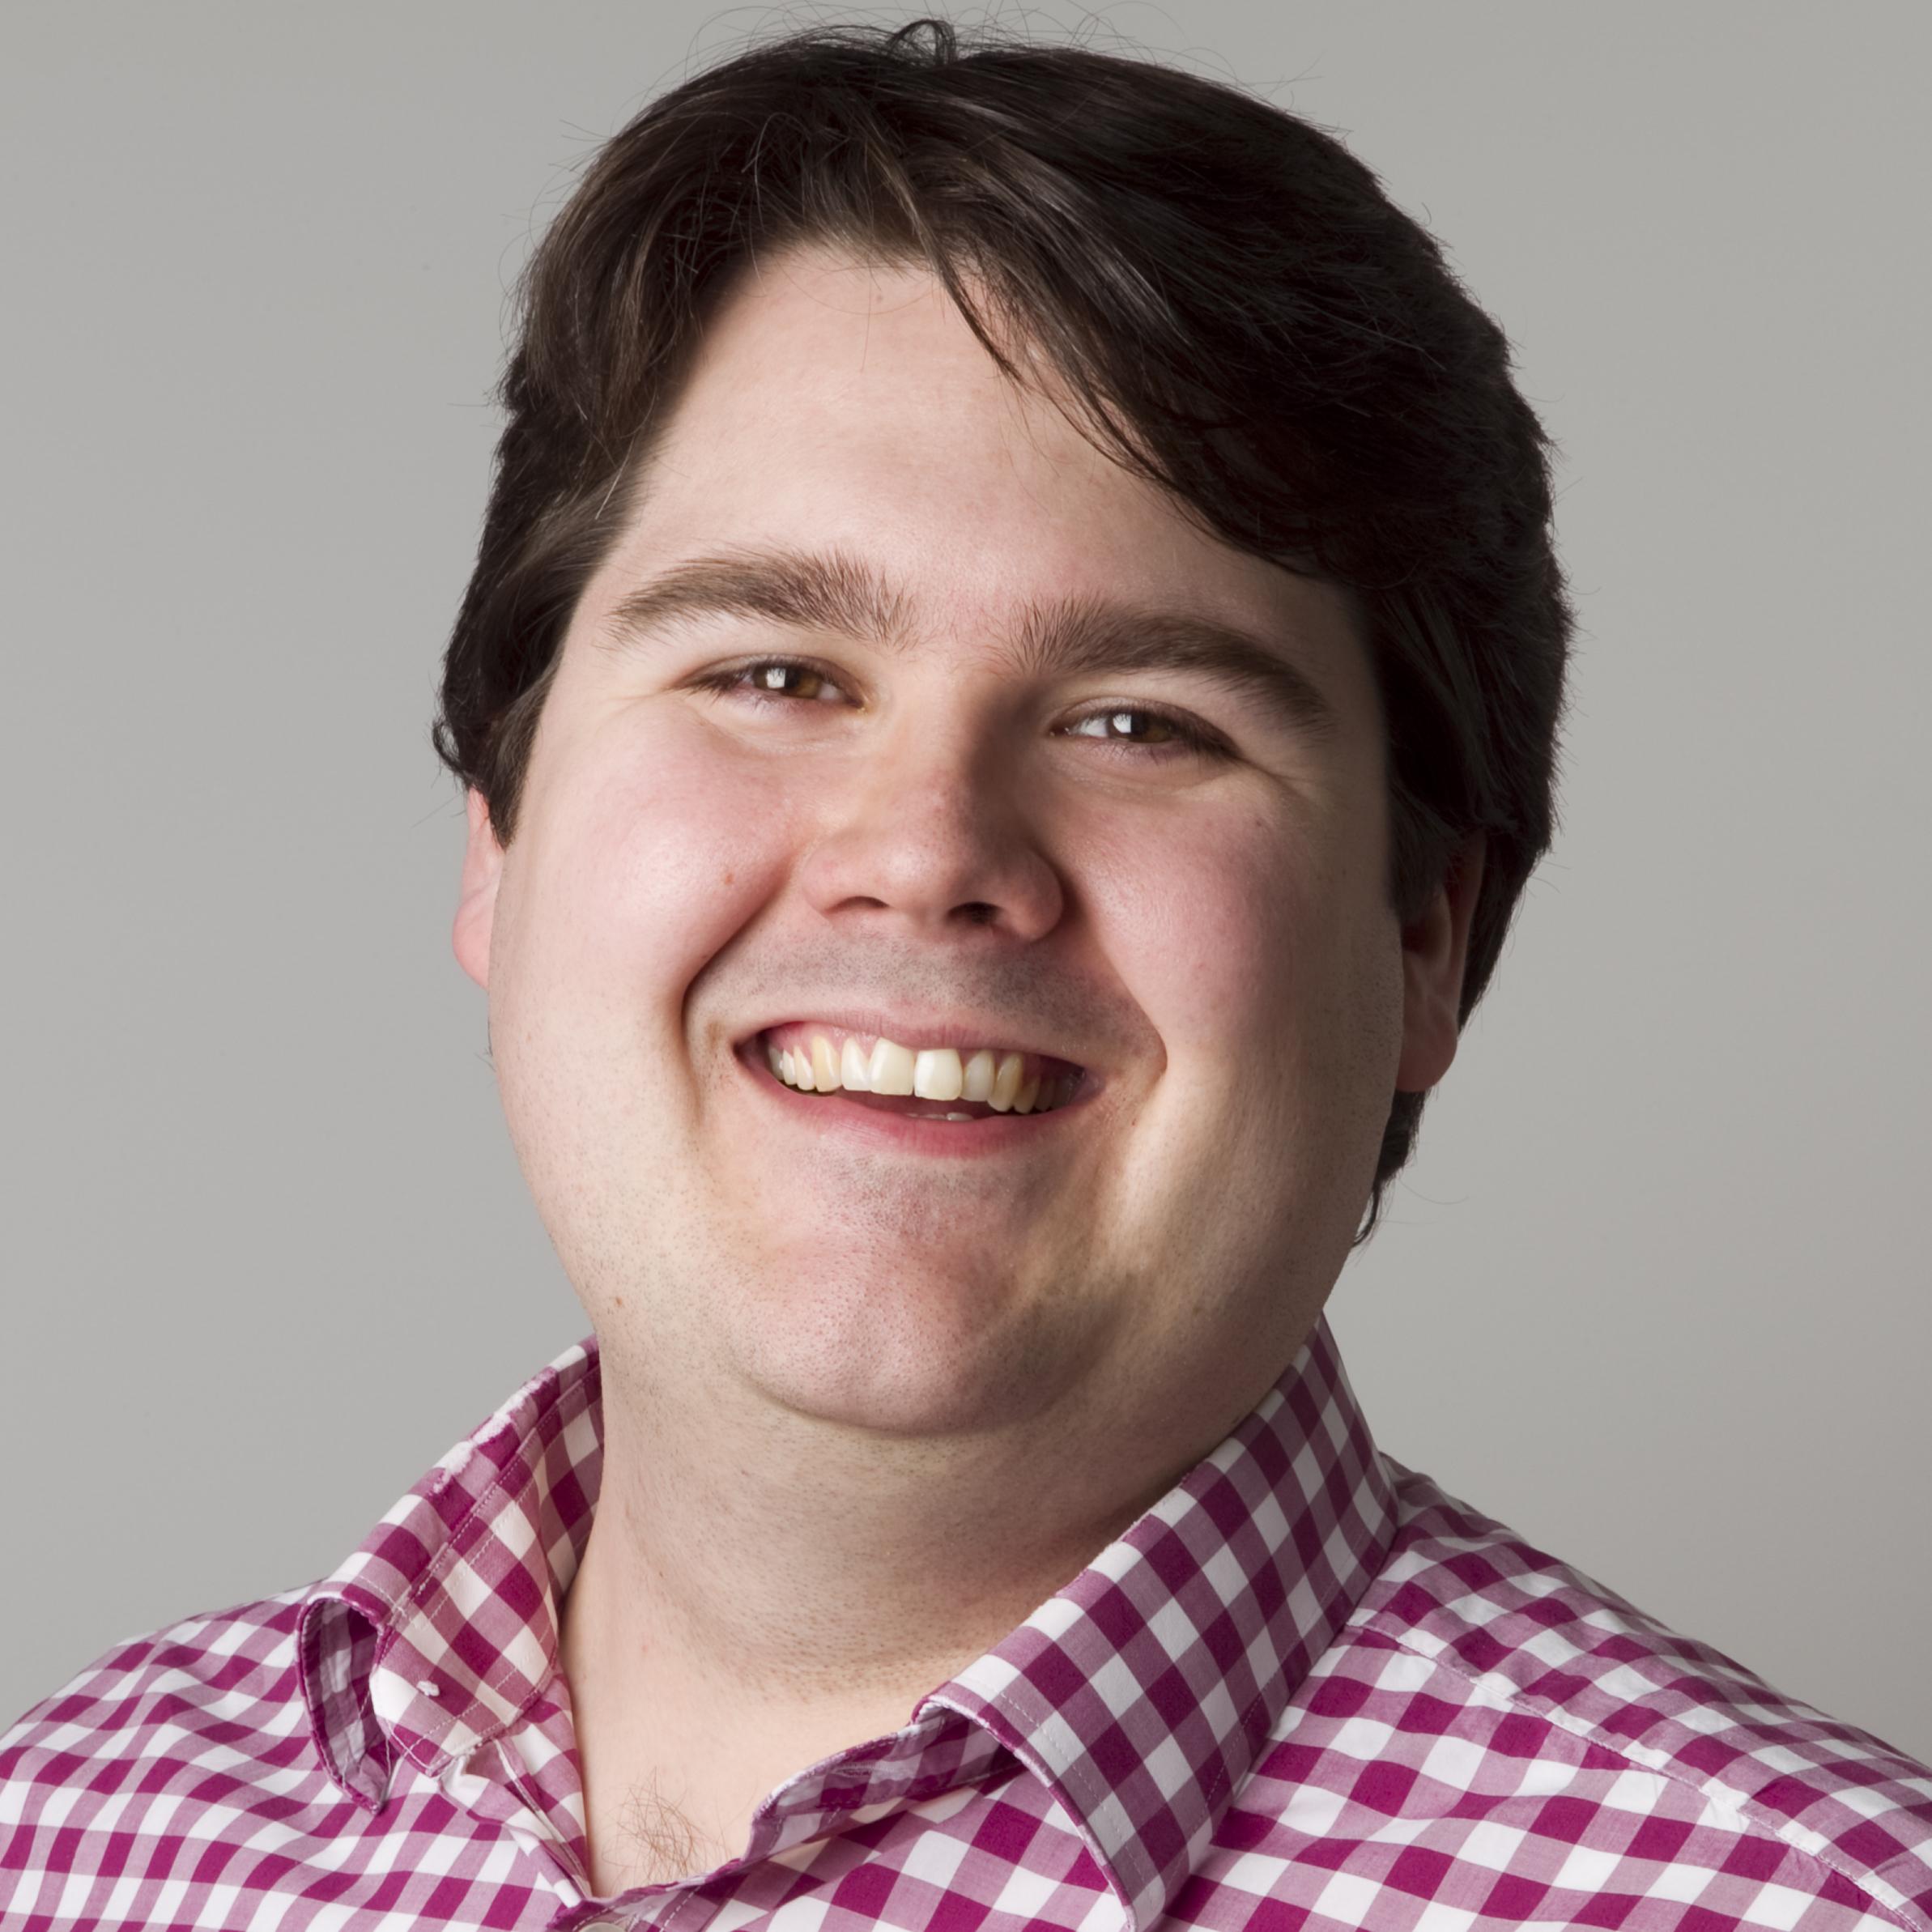 Andrew mullinger avatar 2